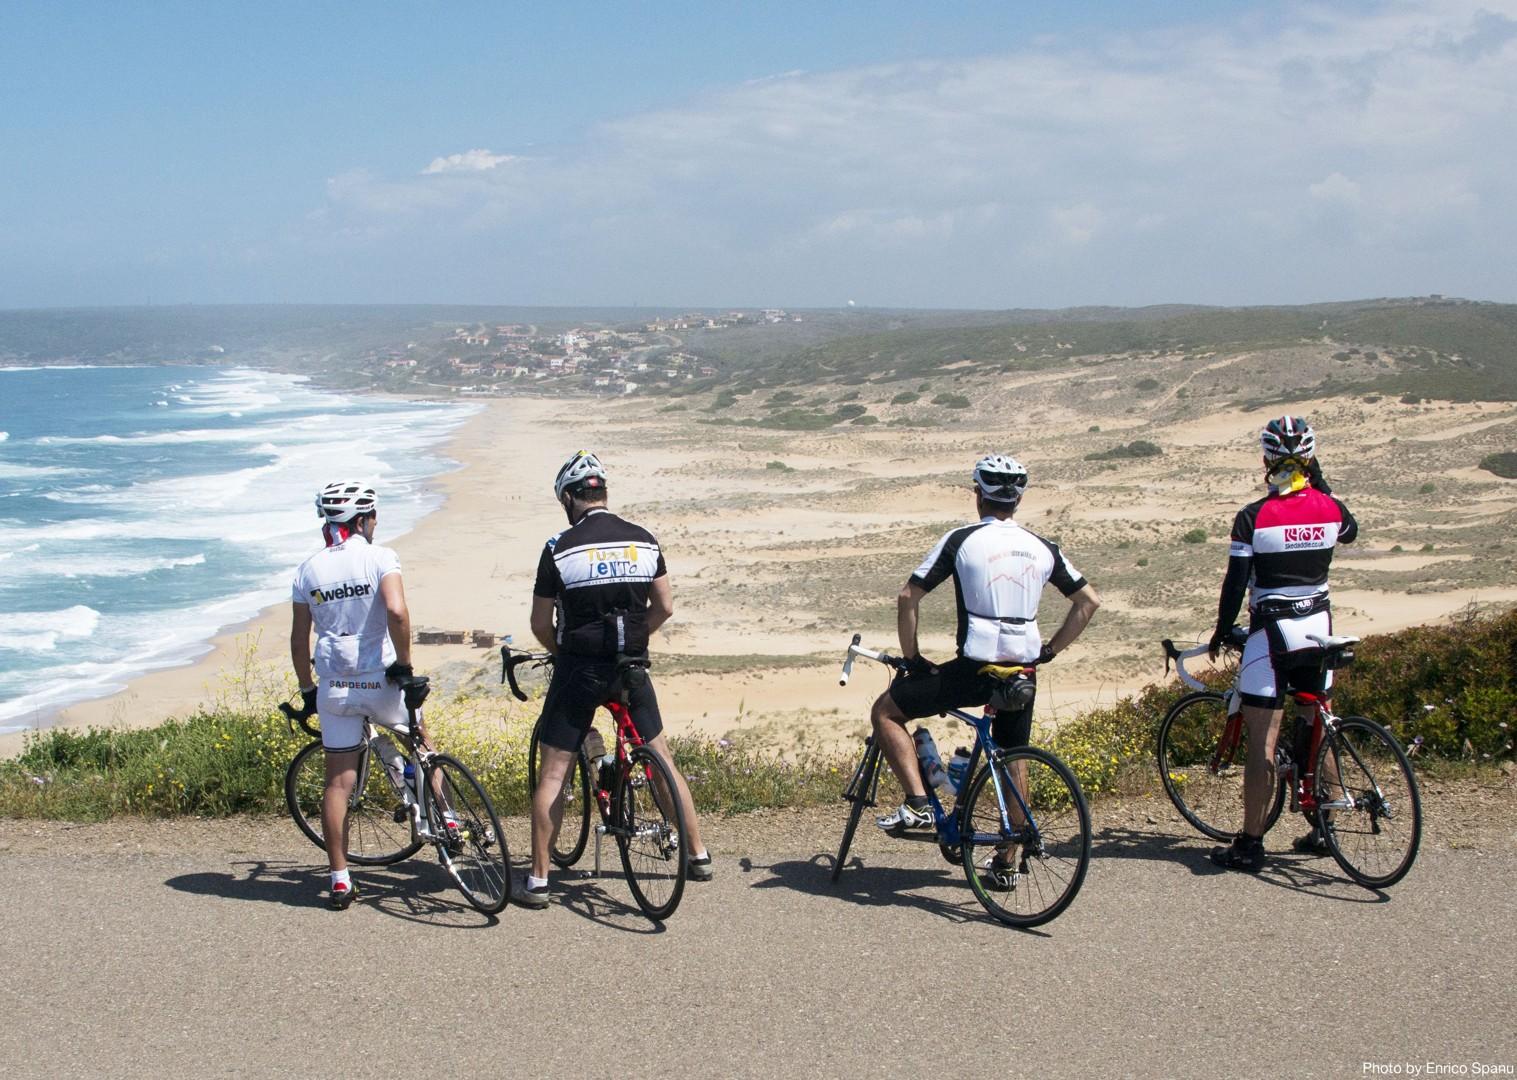 Road-Cycling-Holiday-Italy-Sardinia-Coastal-Explorer-Nebida.jpg - Italy - Sardinia - Coastal Explorer - Self Guided Road Cycling Holiday - Italia Road Cycling